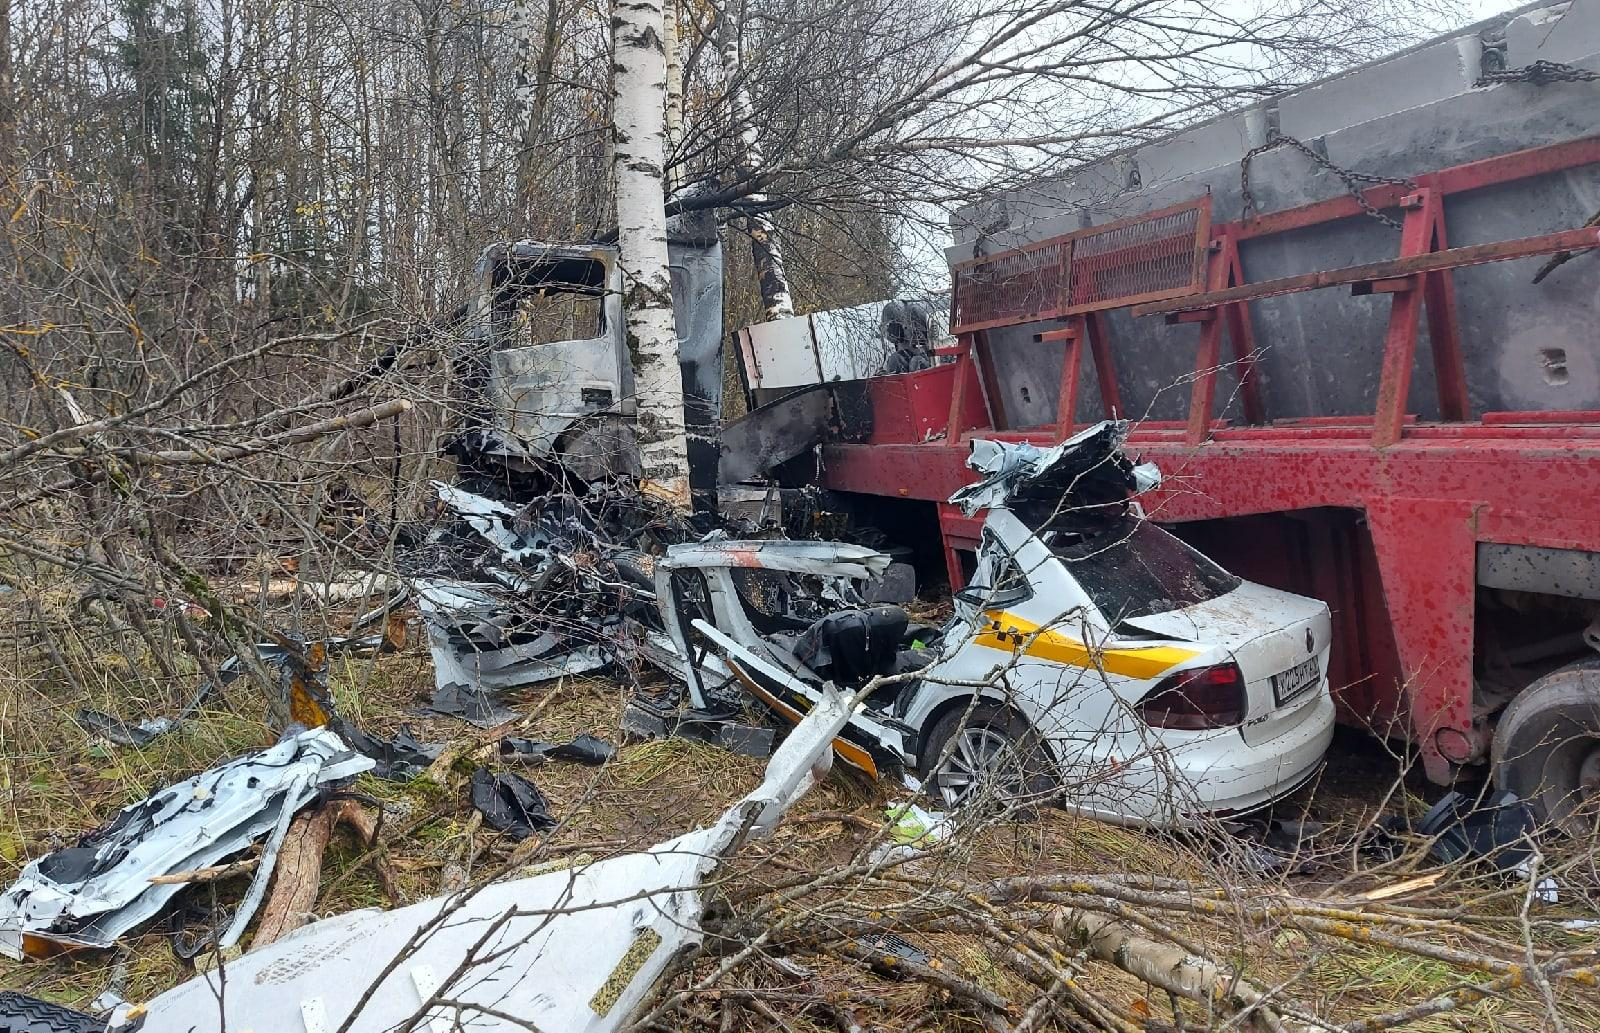 Шансов выжить практически не было: опубликованы фото с места жуткого ДТП на М9 в Тверской области - новости Афанасий